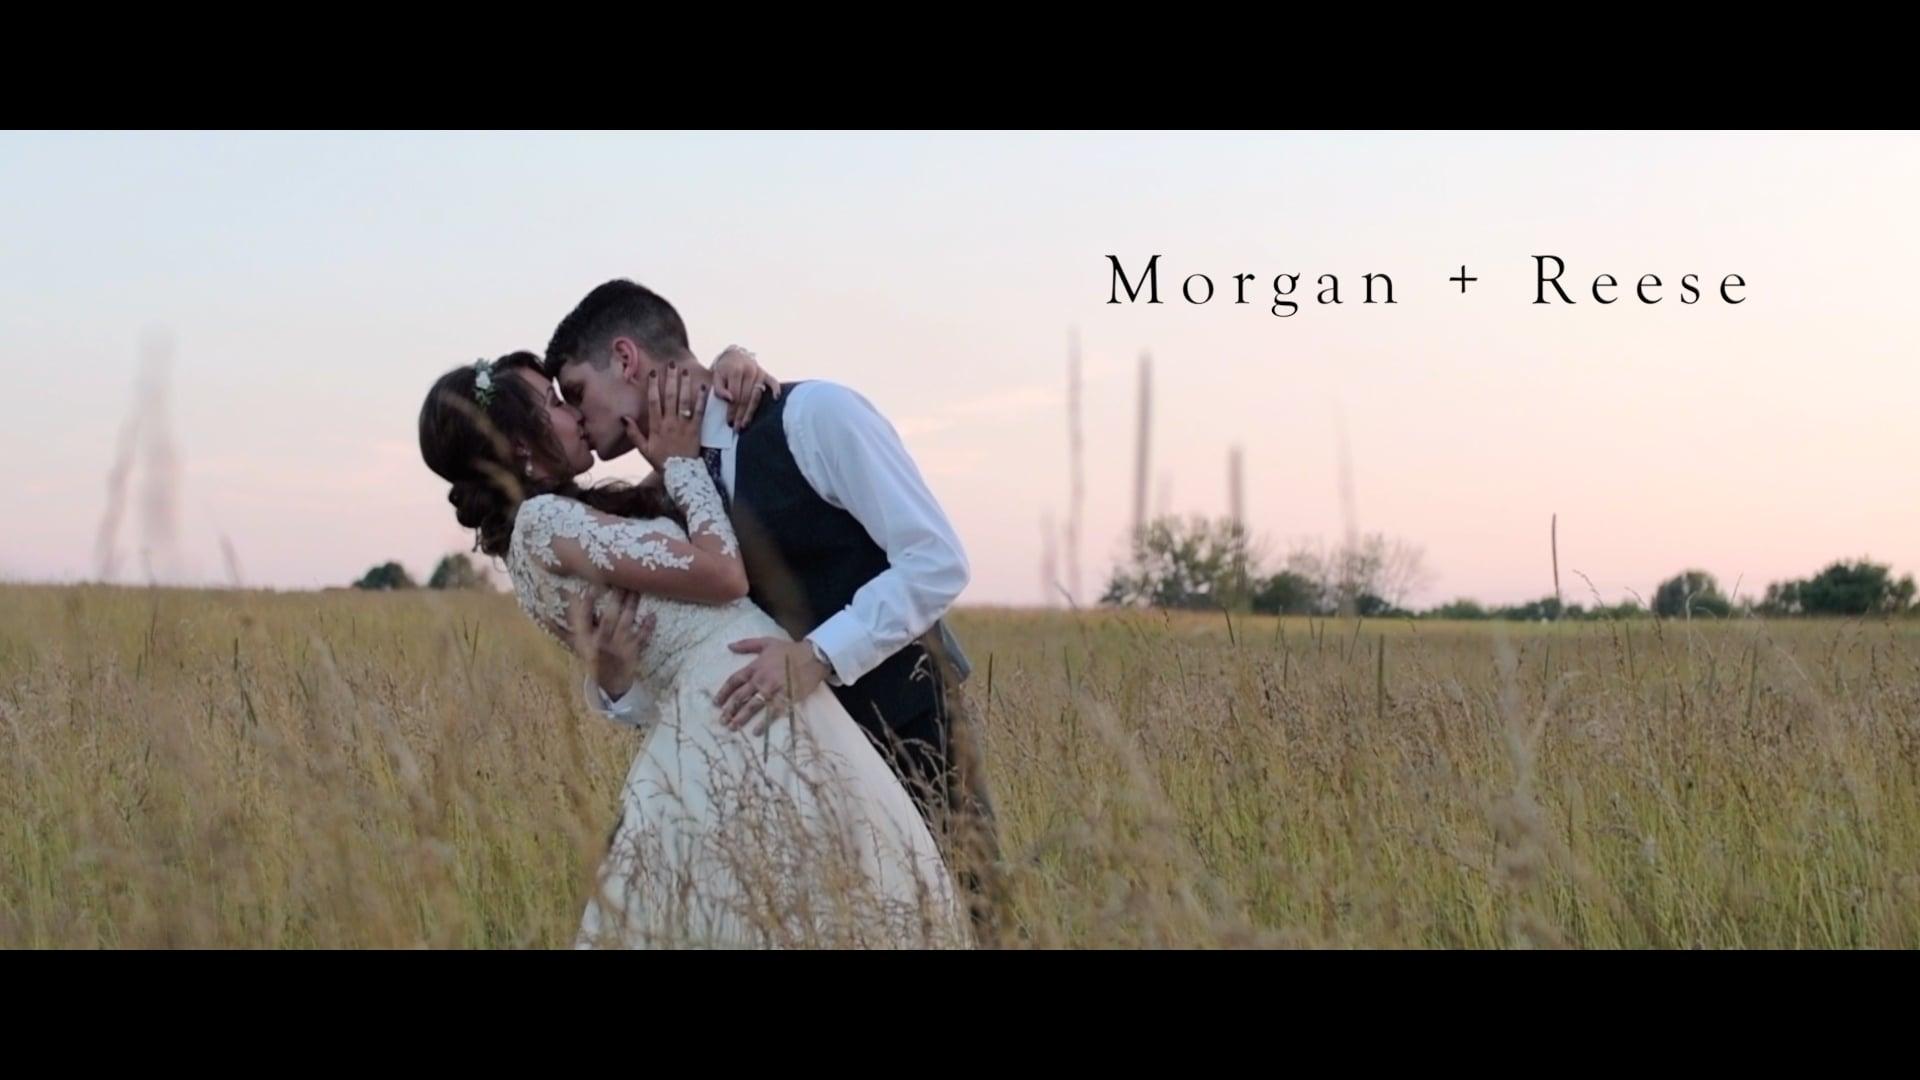 Morgan + Reese | A Kentucky Wedding